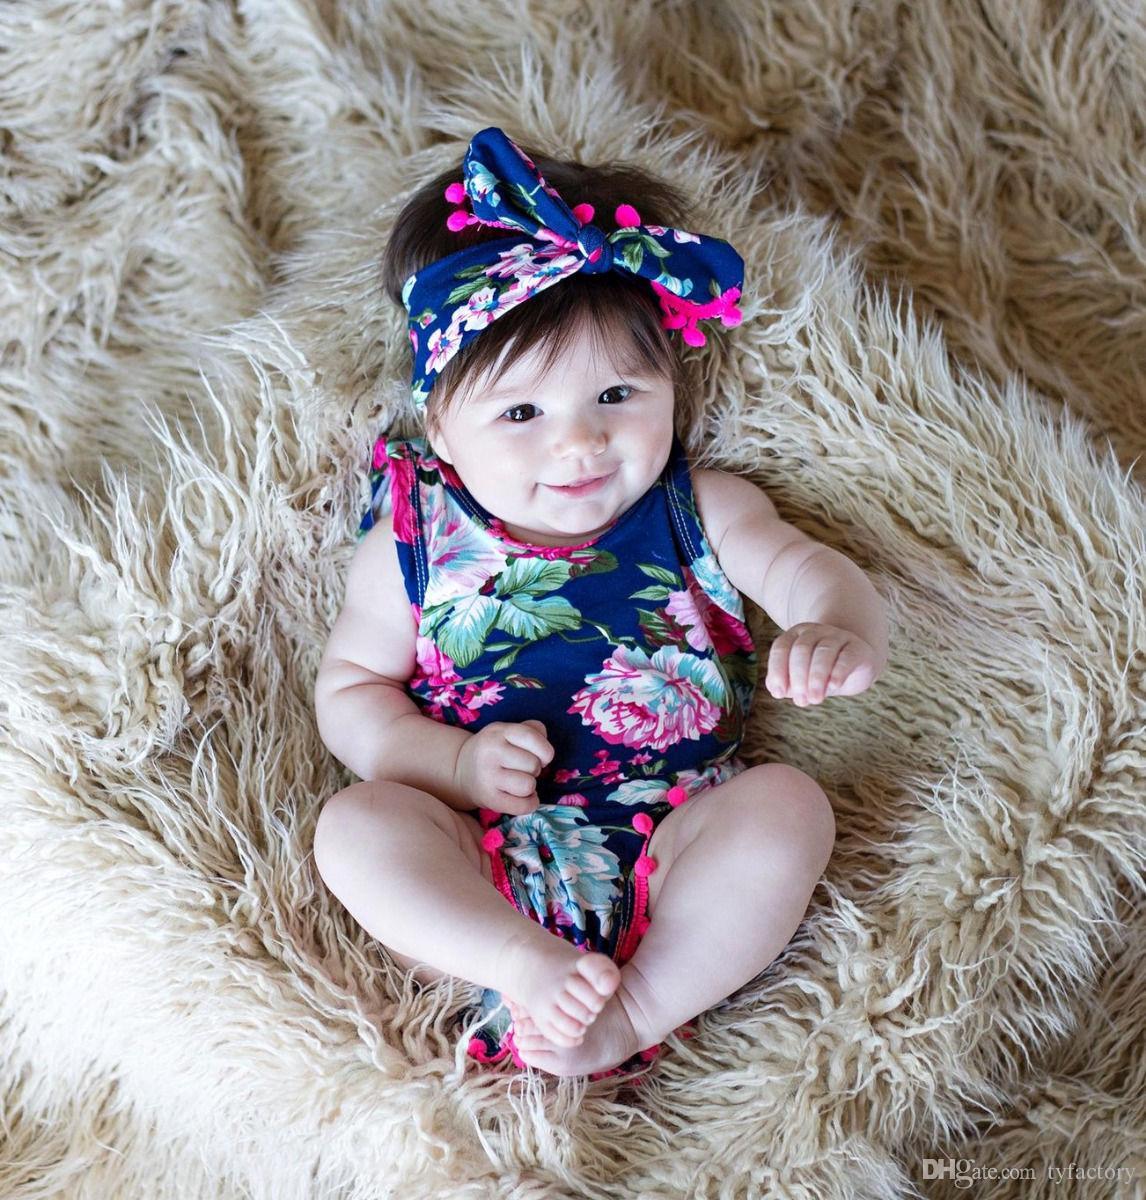 Bonito Do Bebê Romper Floral + Headband Crianças One Pieces Little Baby Roupas Babys Roupas 2017 Venda Quente 3 Cores de Alta Qualidade 0-24 M